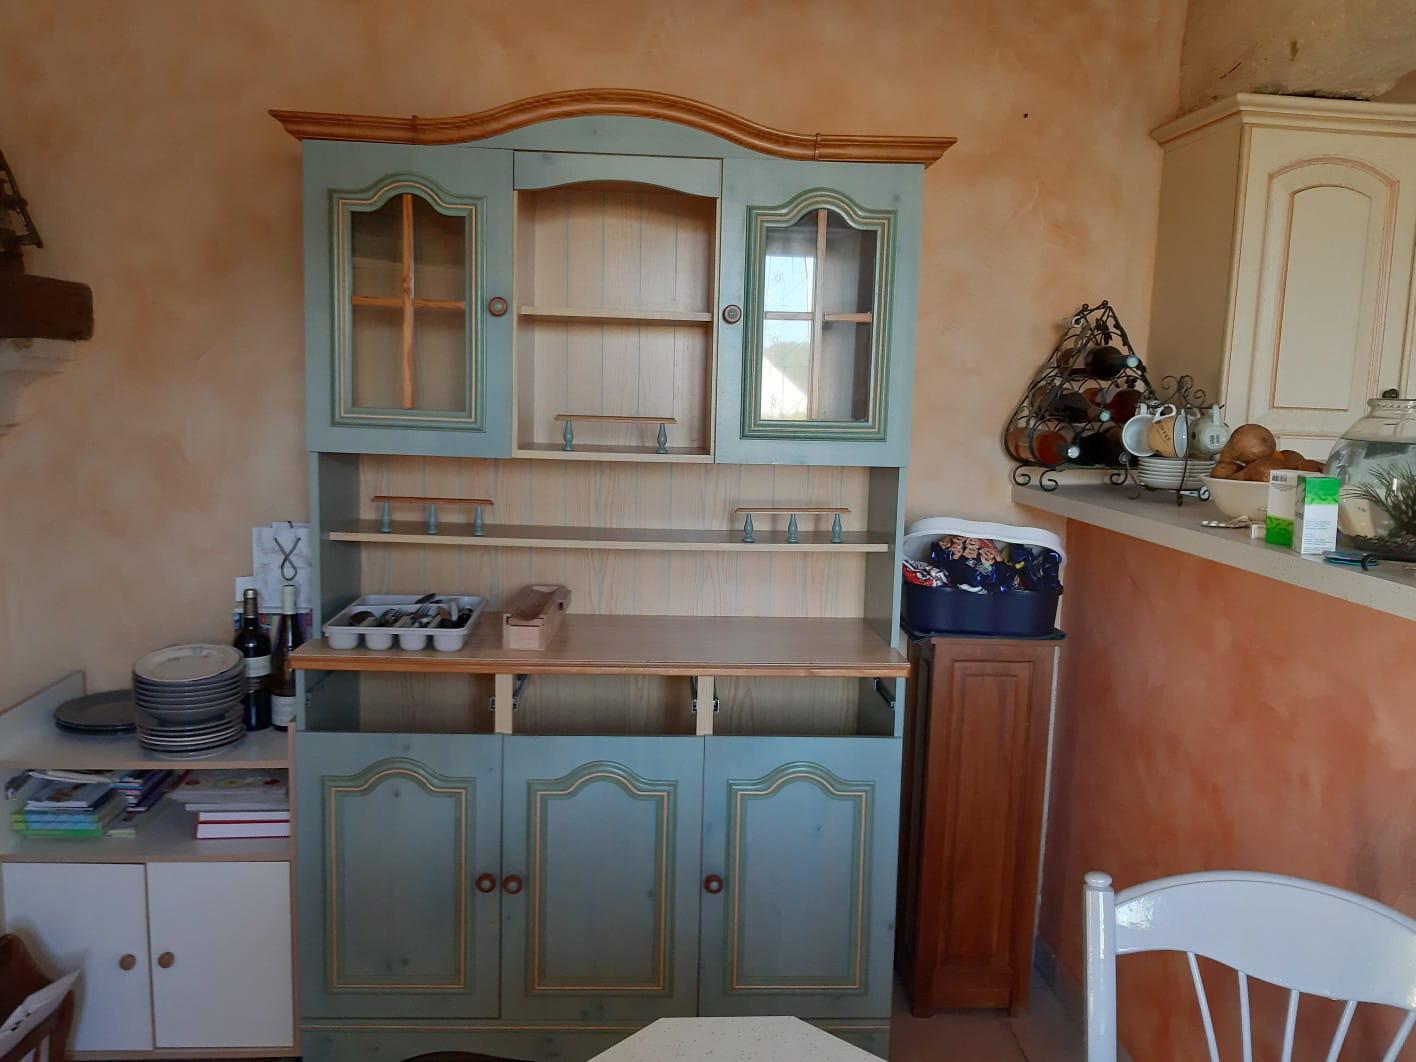 Changer la couleur du meuble de cuisine ? - Forum Couleur et déco